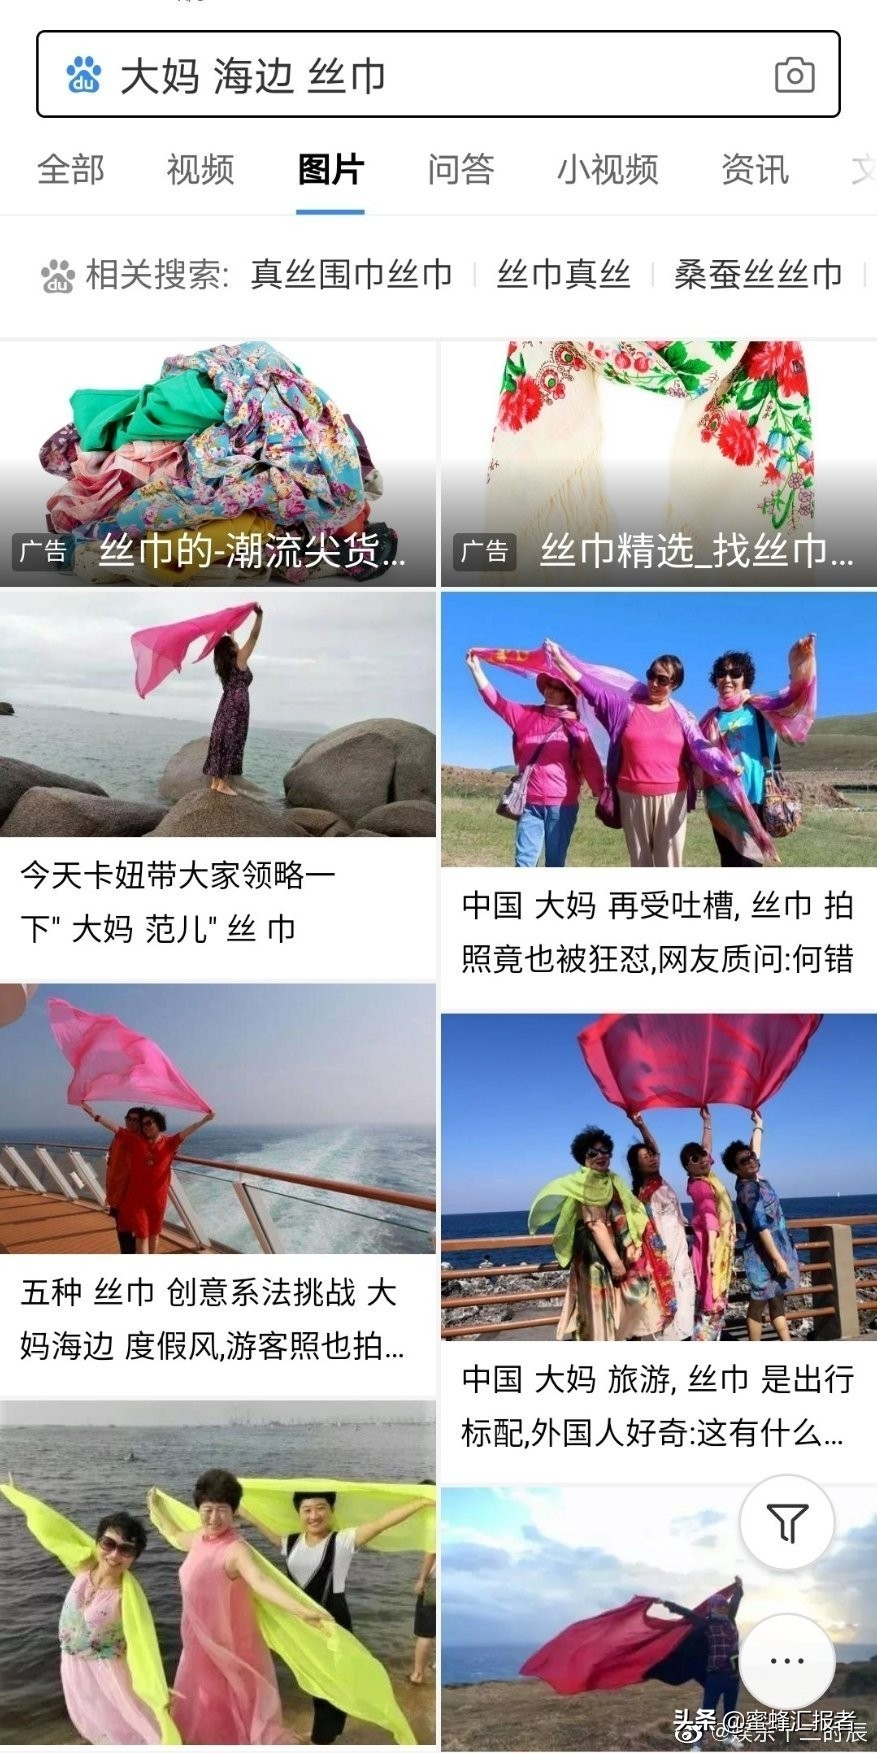 李佳航力挺刘维评价丁太昇是乐评混子,易烊千玺大妈同款拍照姿势